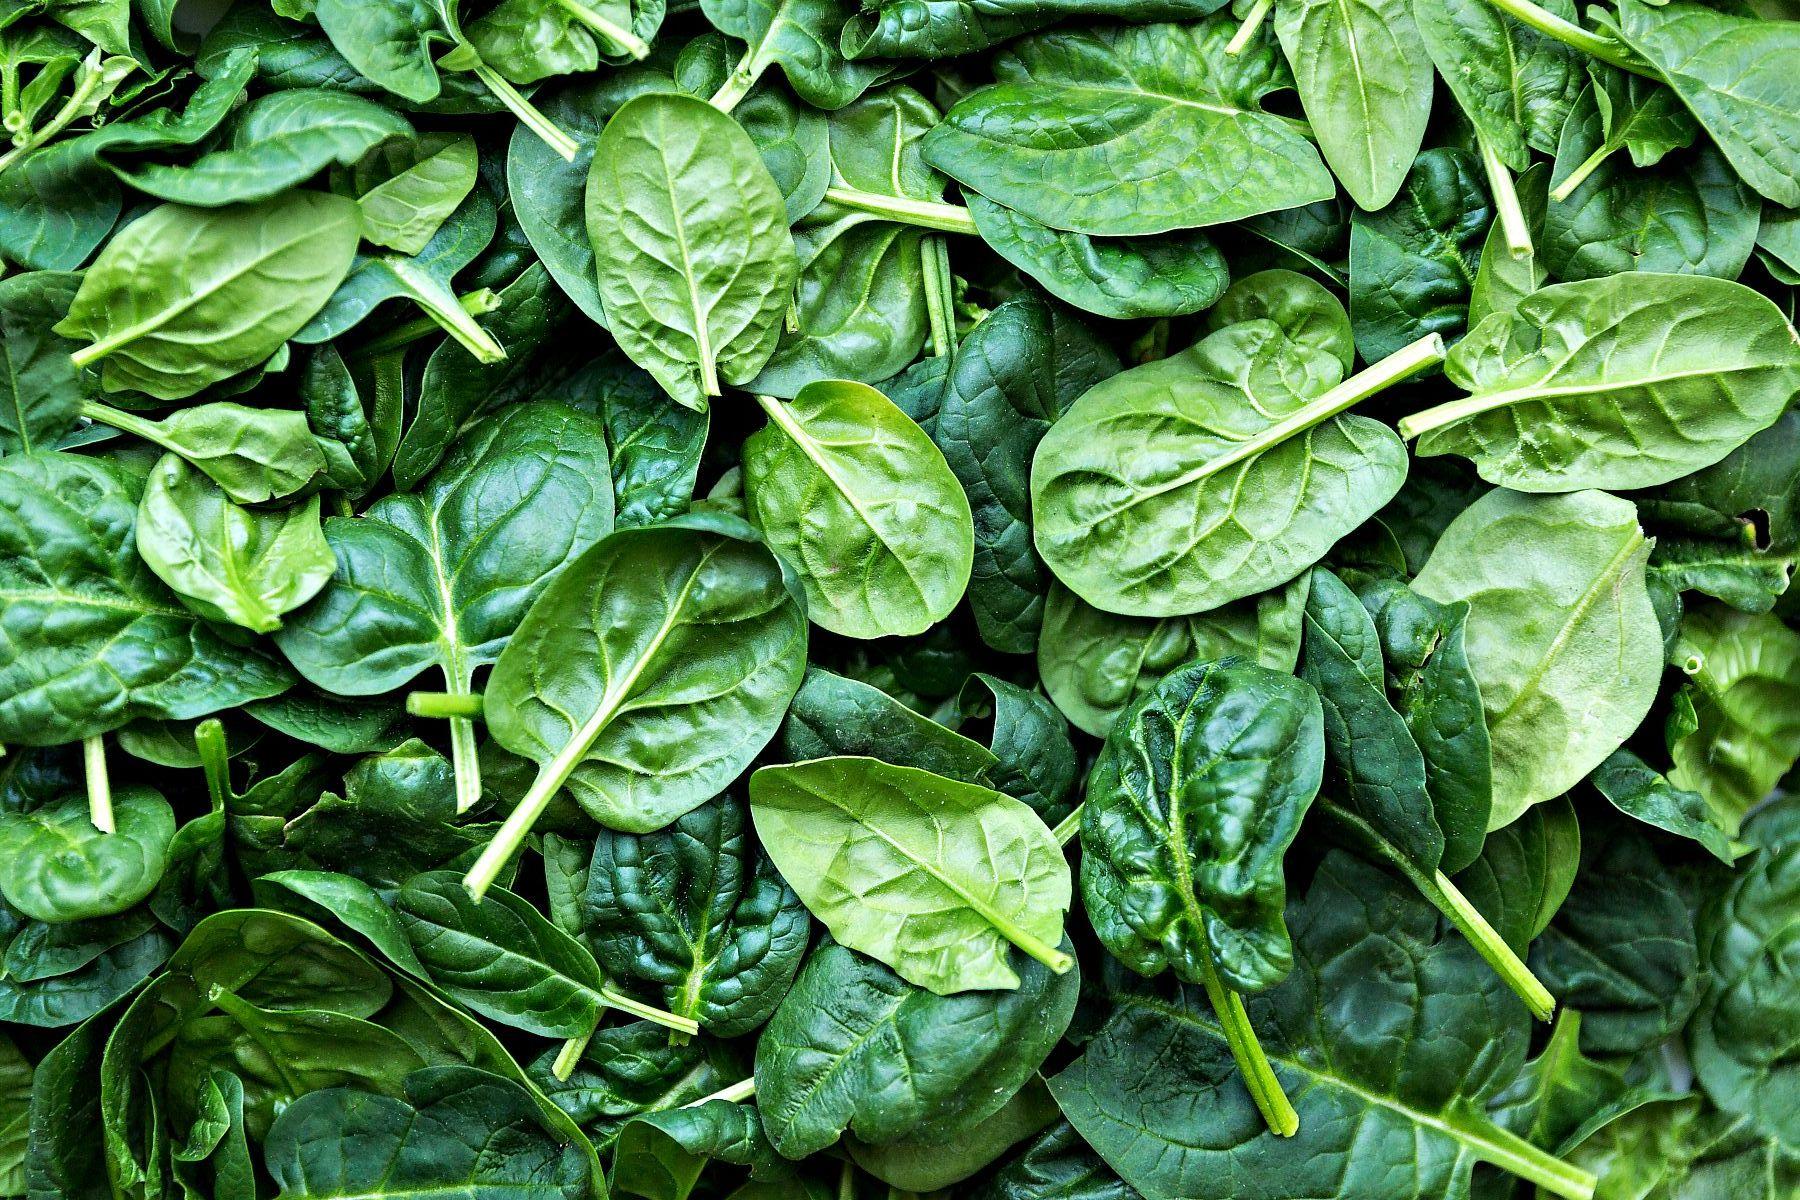 польза и вред зелени